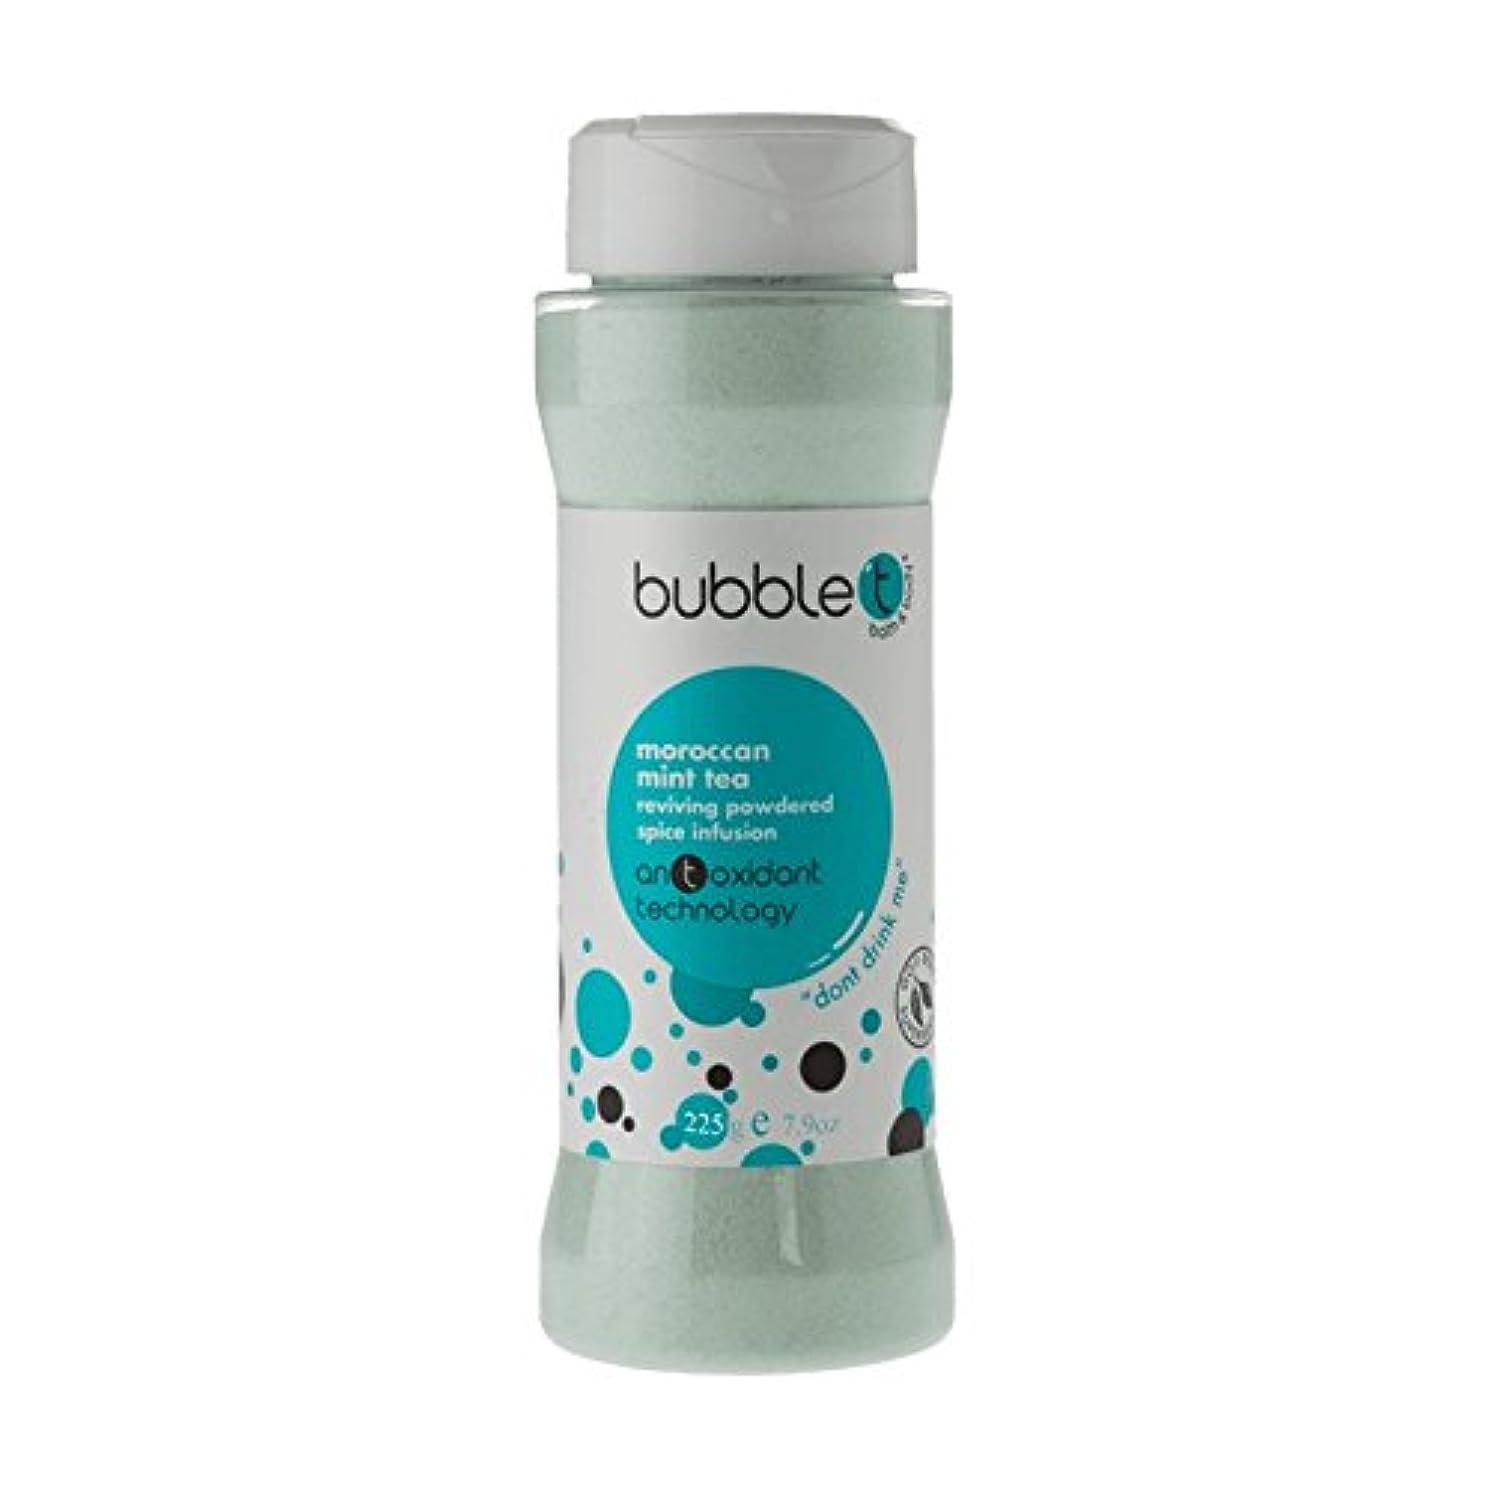 微生物素人にんじんBubble T Bath Spice Infusion Morrocan Mint Tea 225g (Pack of 2) - バブルトン風呂スパイス注入モロッコのミントティー225グラム (x2) [並行輸入品]